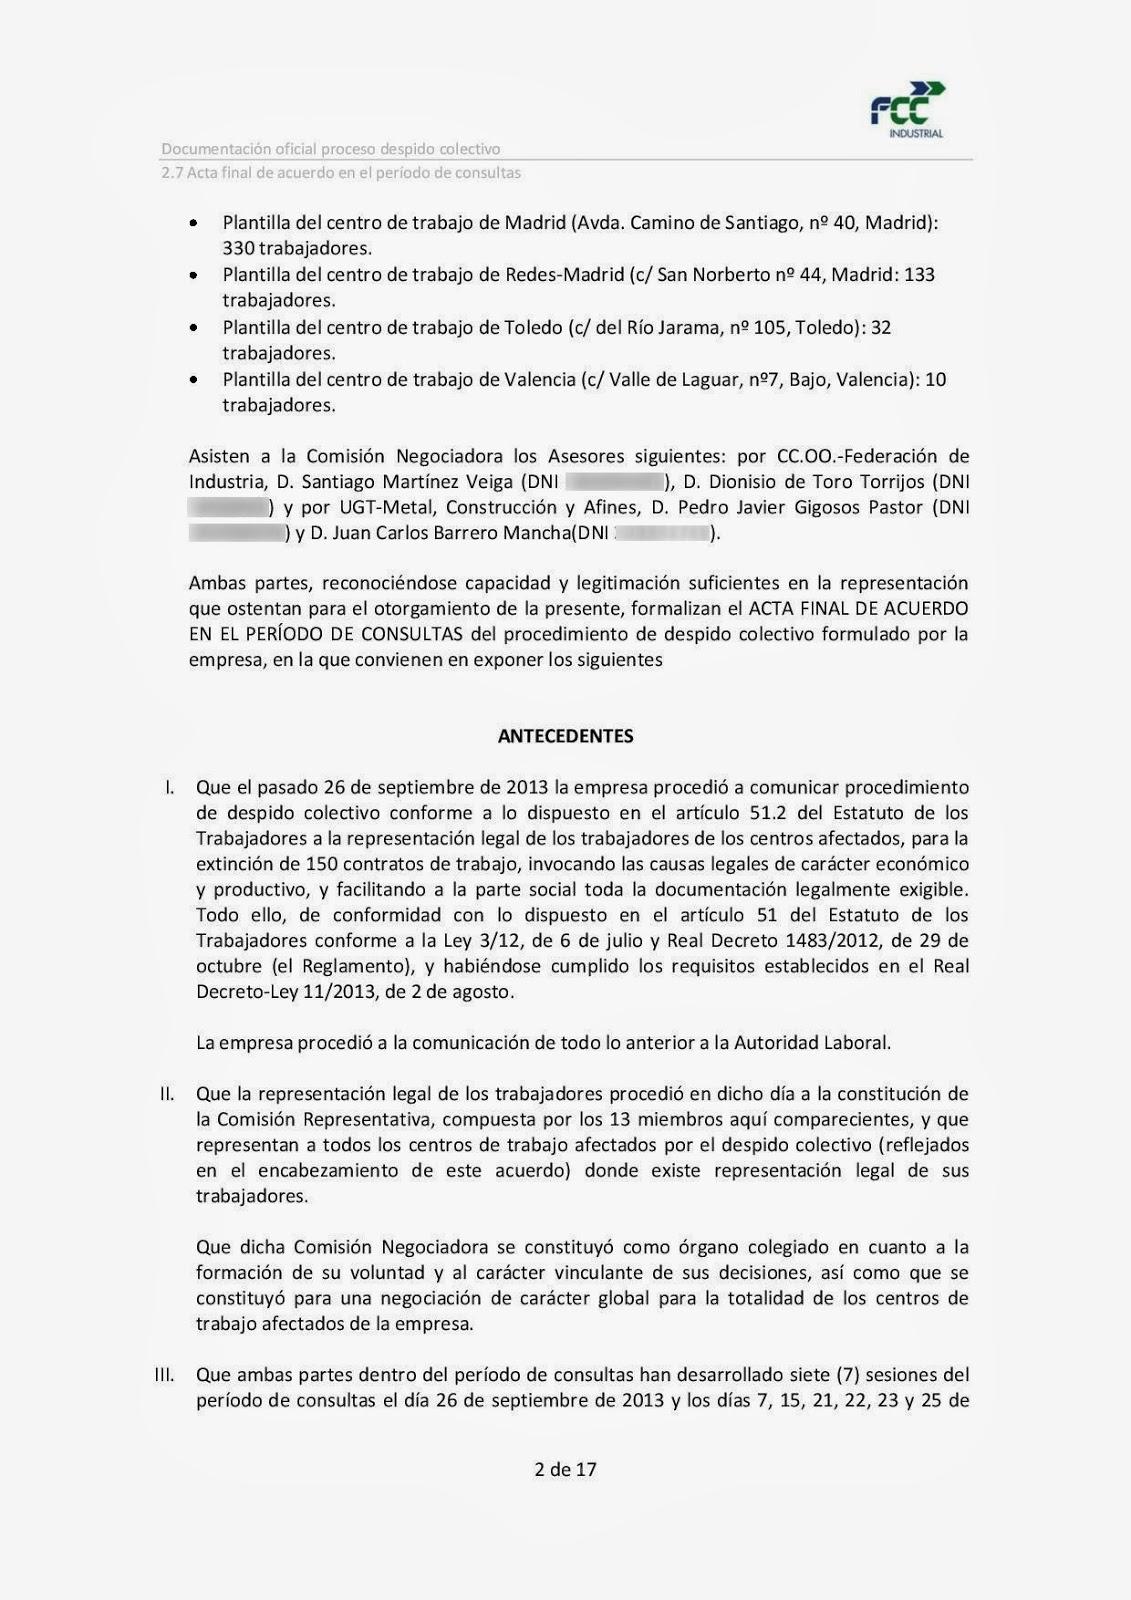 ERE de FCC Servicios Industriales y Energéticos, S.A.: Actas